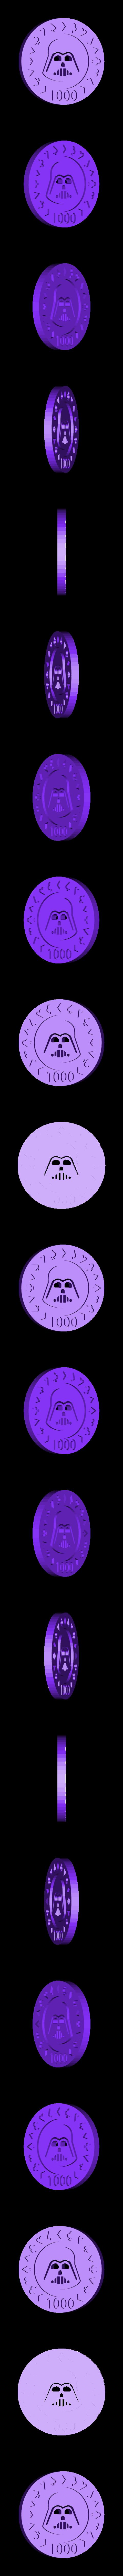 1000.stl Descargar archivo STL Star Wars - Fichas de Póquer • Objeto imprimible en 3D, Made_In_Space